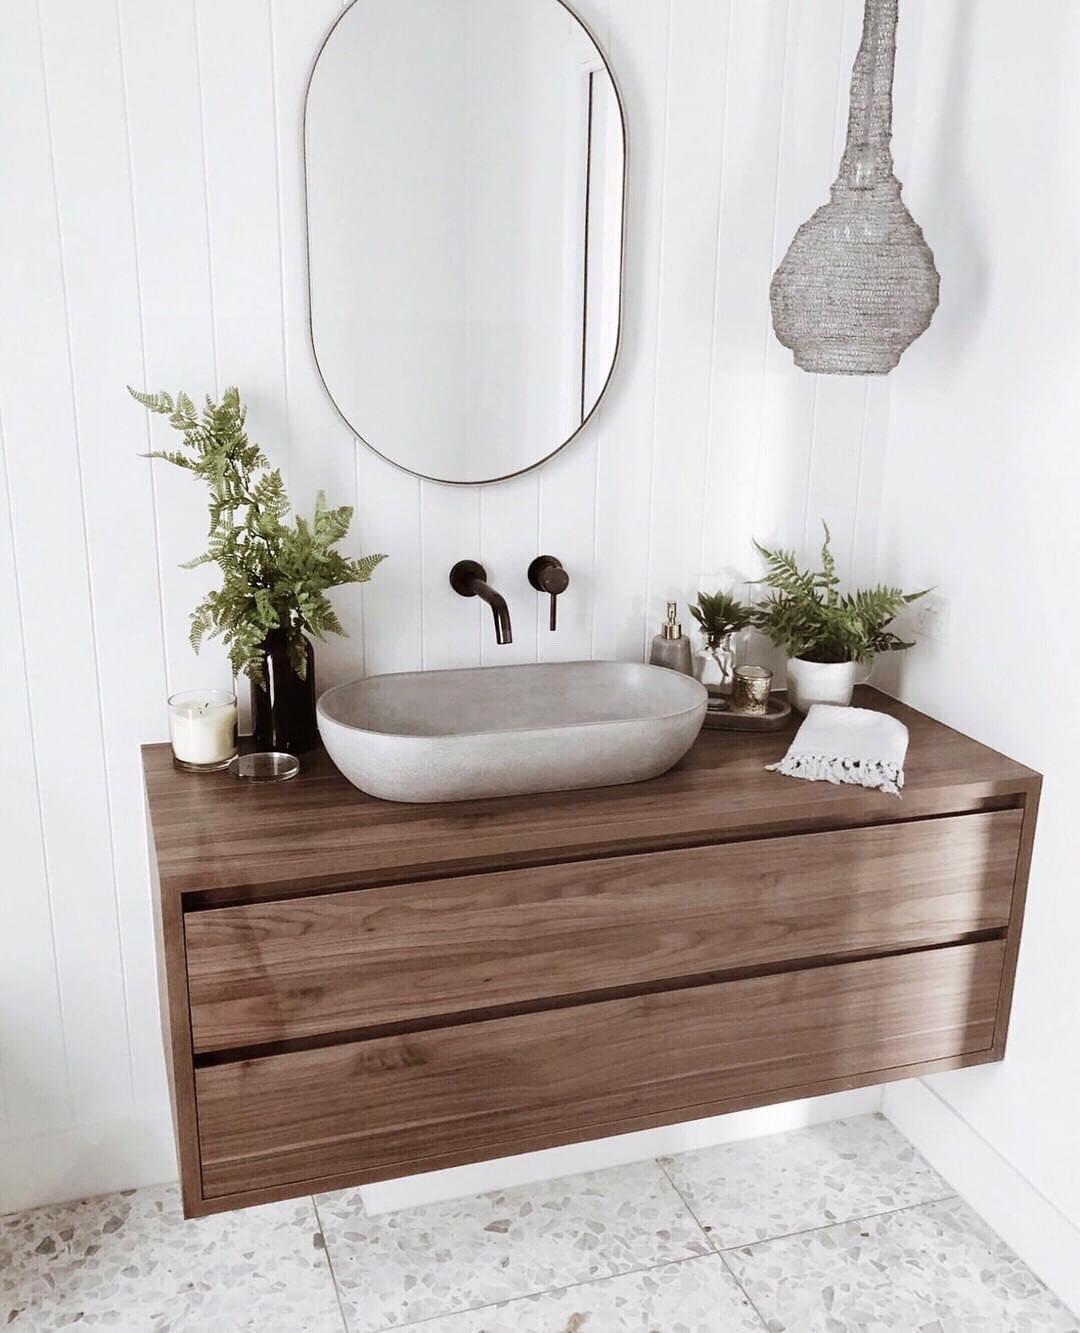 Infinite heart eyes Bathroom Remodel Ideas